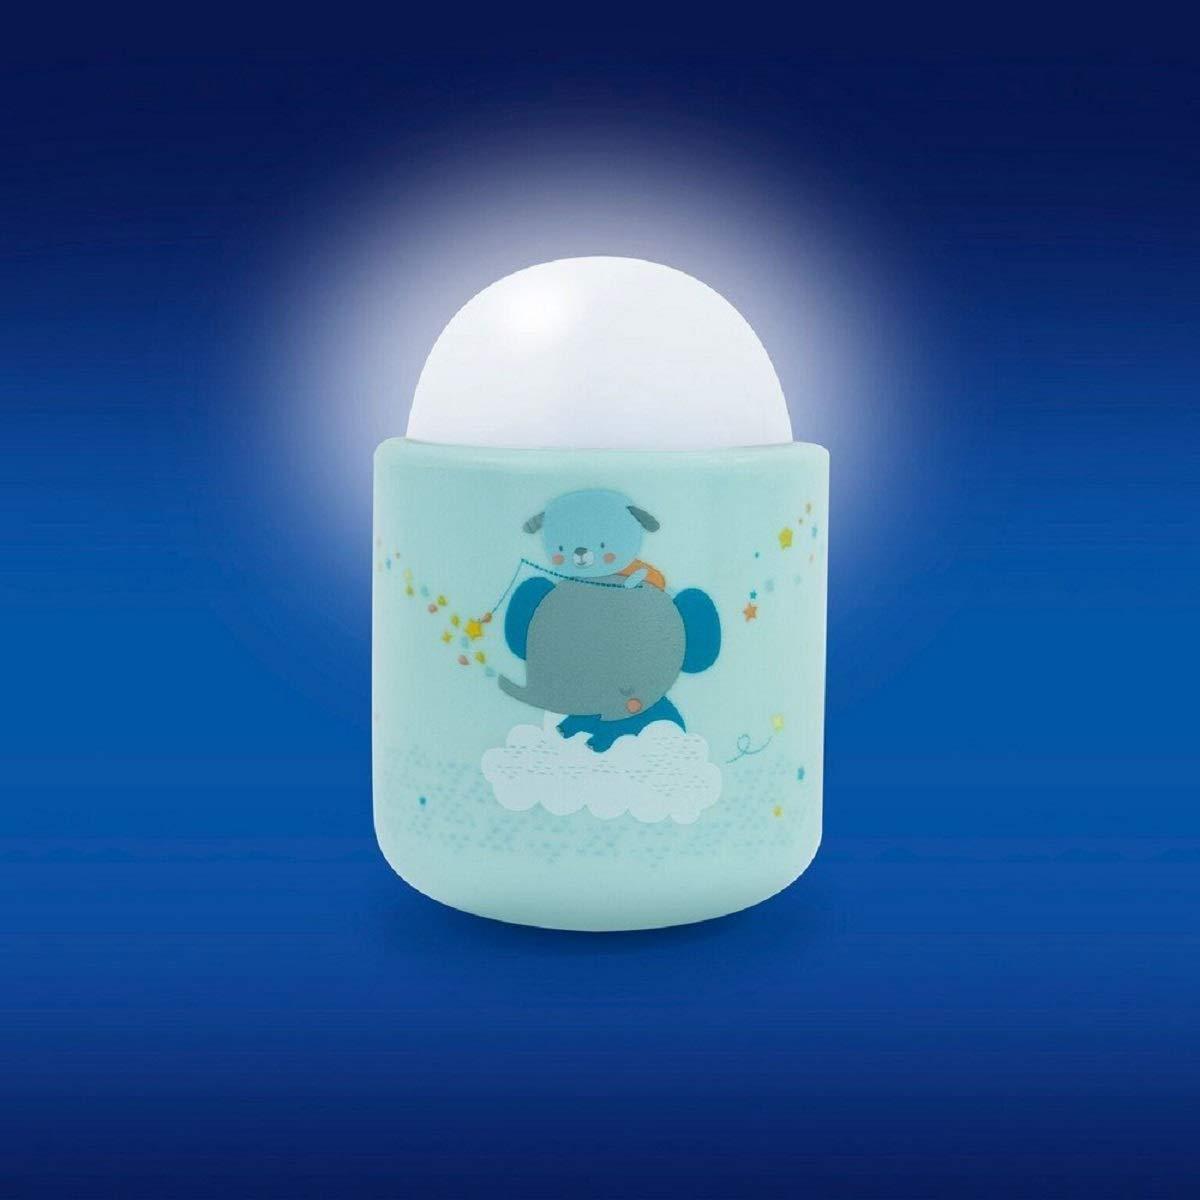 Pabobo Bleu Timoleo -Veilleuse Portable LED /à Lumi/ère Douce pour B/éb/é et Enfant 70 heures dautonomie sans pile ni fil Rechargeable